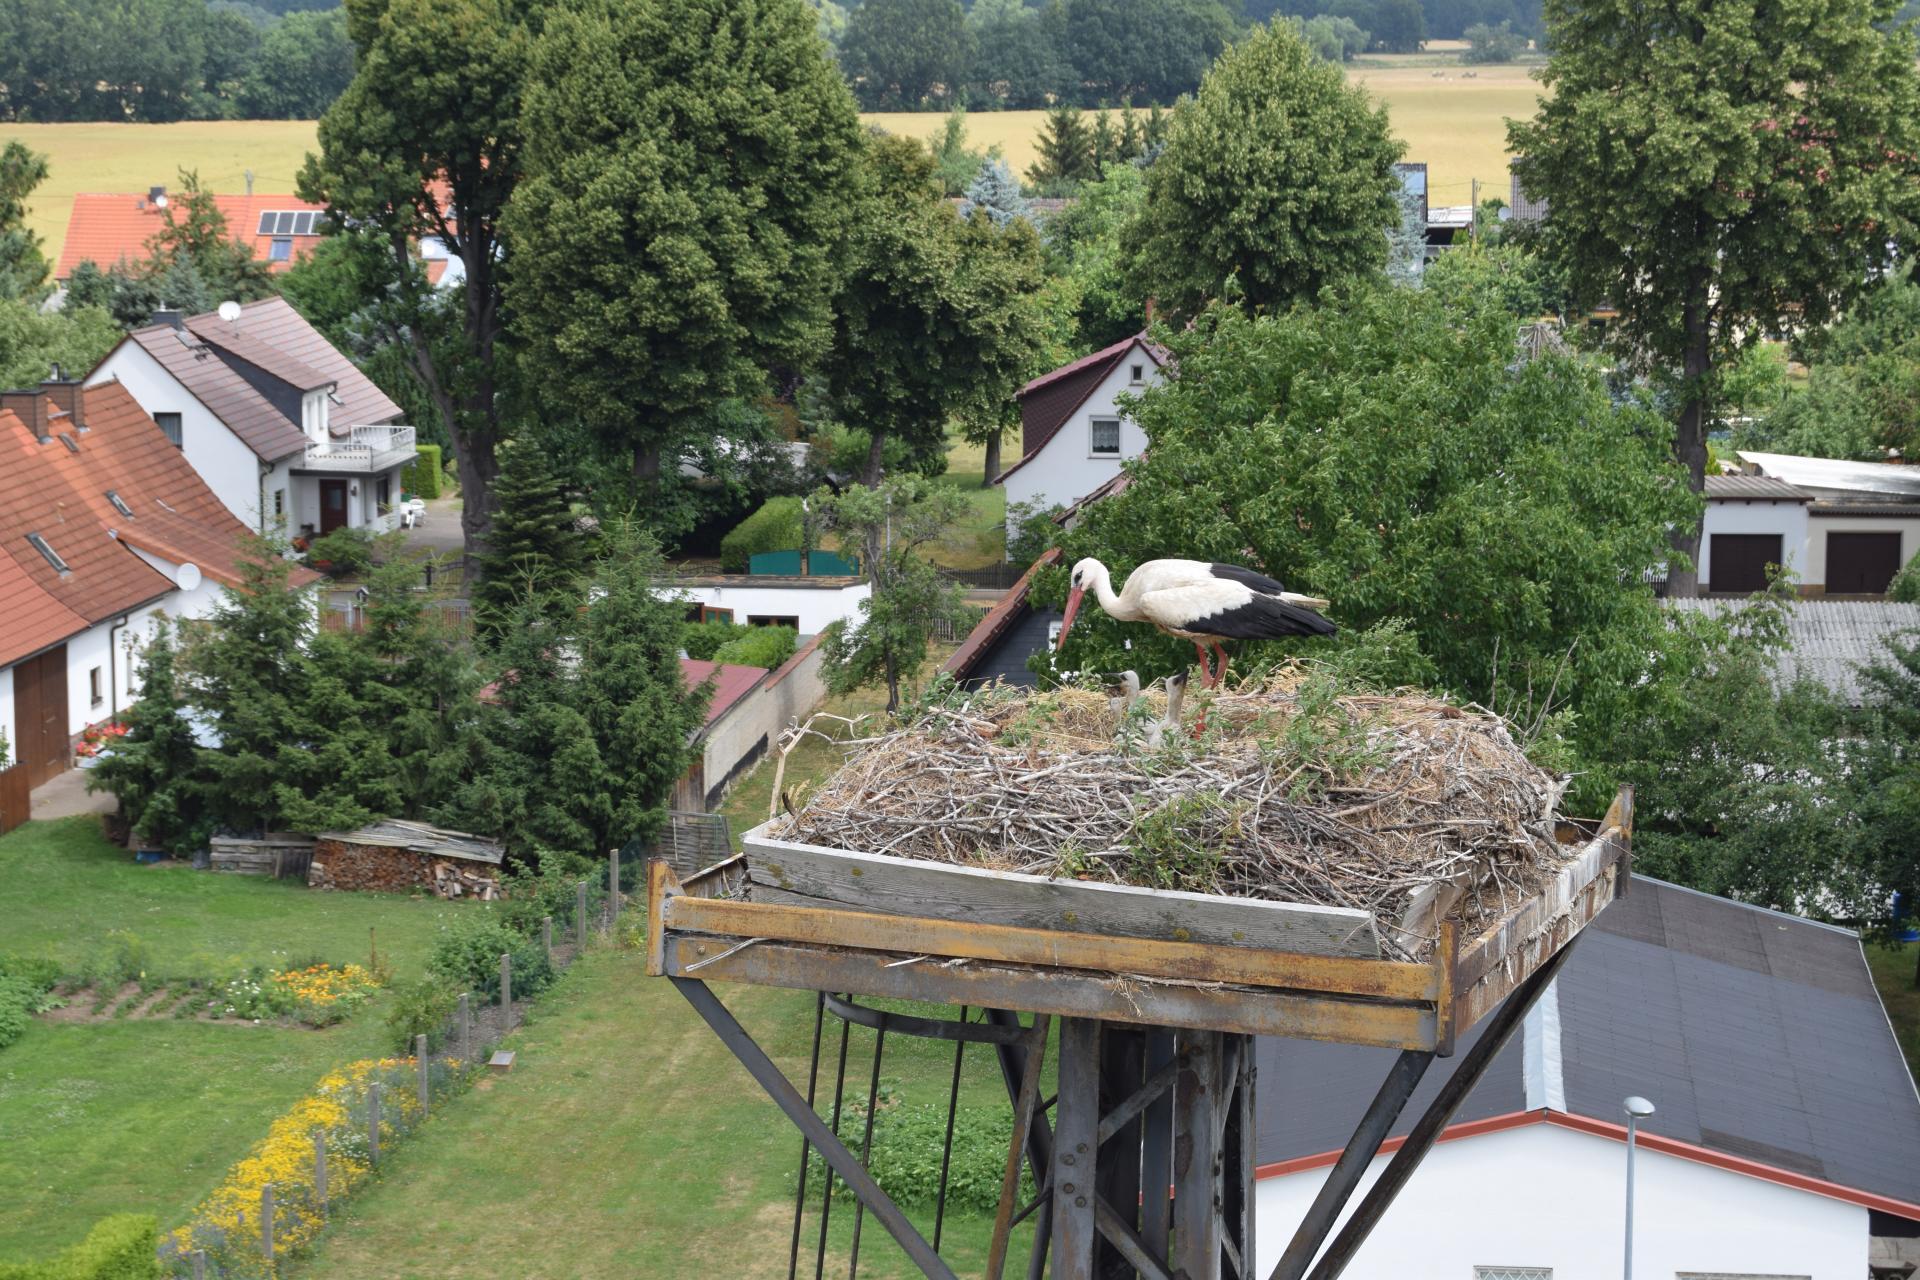 Weißstorchenhorst in Schnaditz